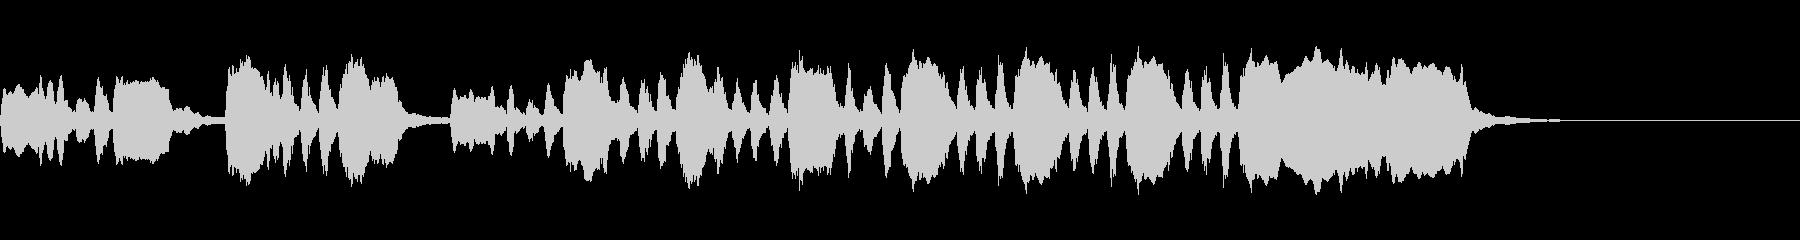 シンプルなオープニングファンファーレ3の未再生の波形